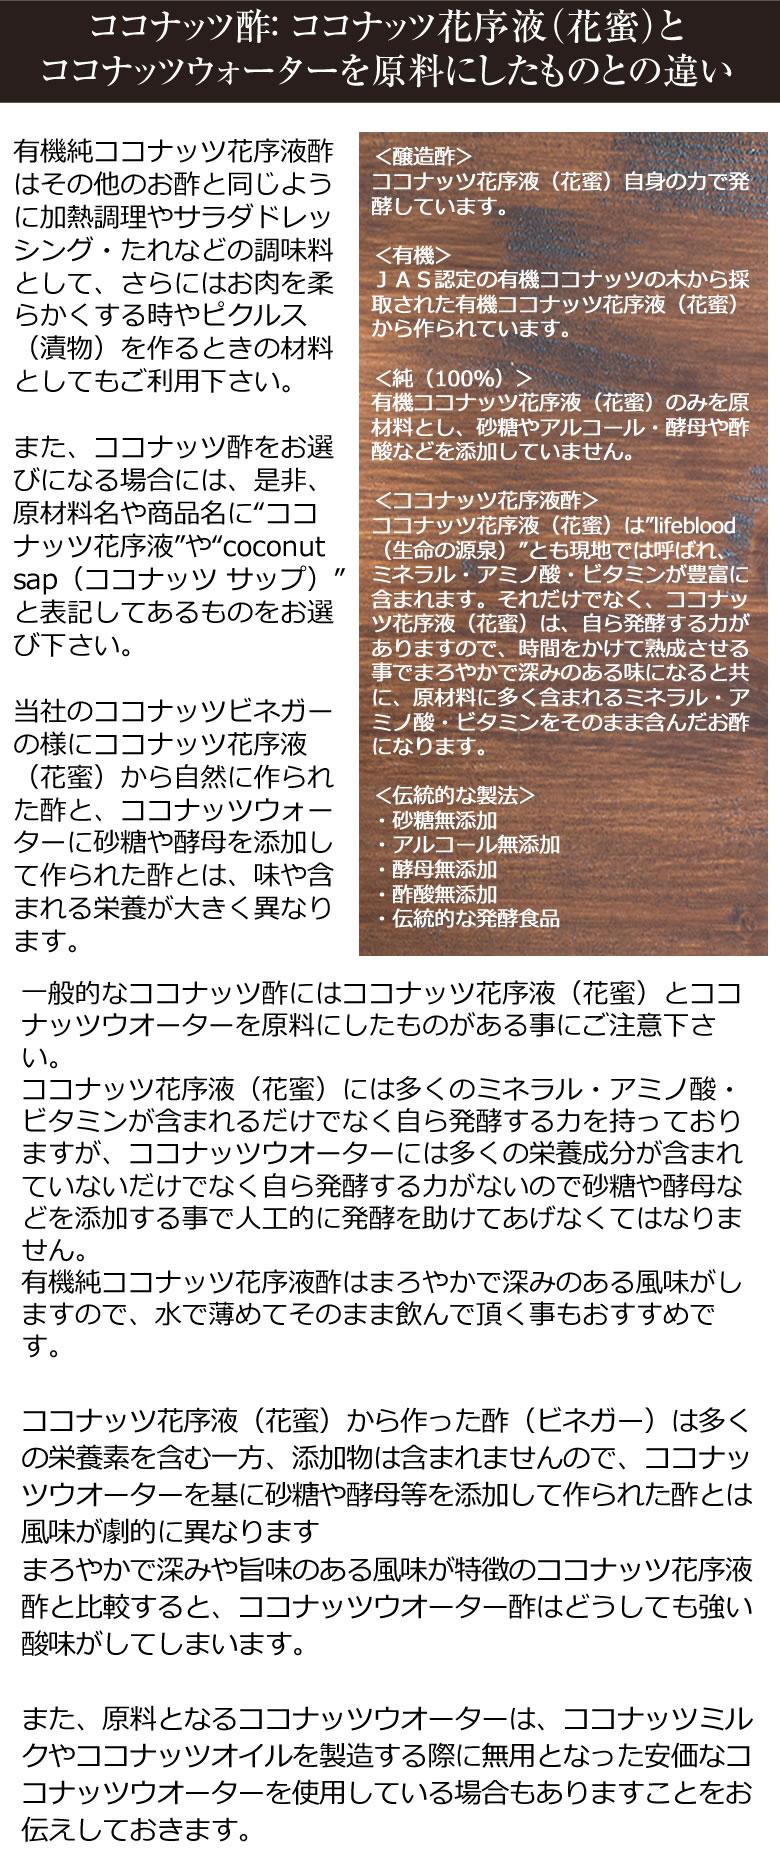 有機ココナッツサップビネガー ココナッツ酢 有機醸造酢 純ココナッツ花序液酢 ORGANIC COCONUT SAP CIDER VINEGER